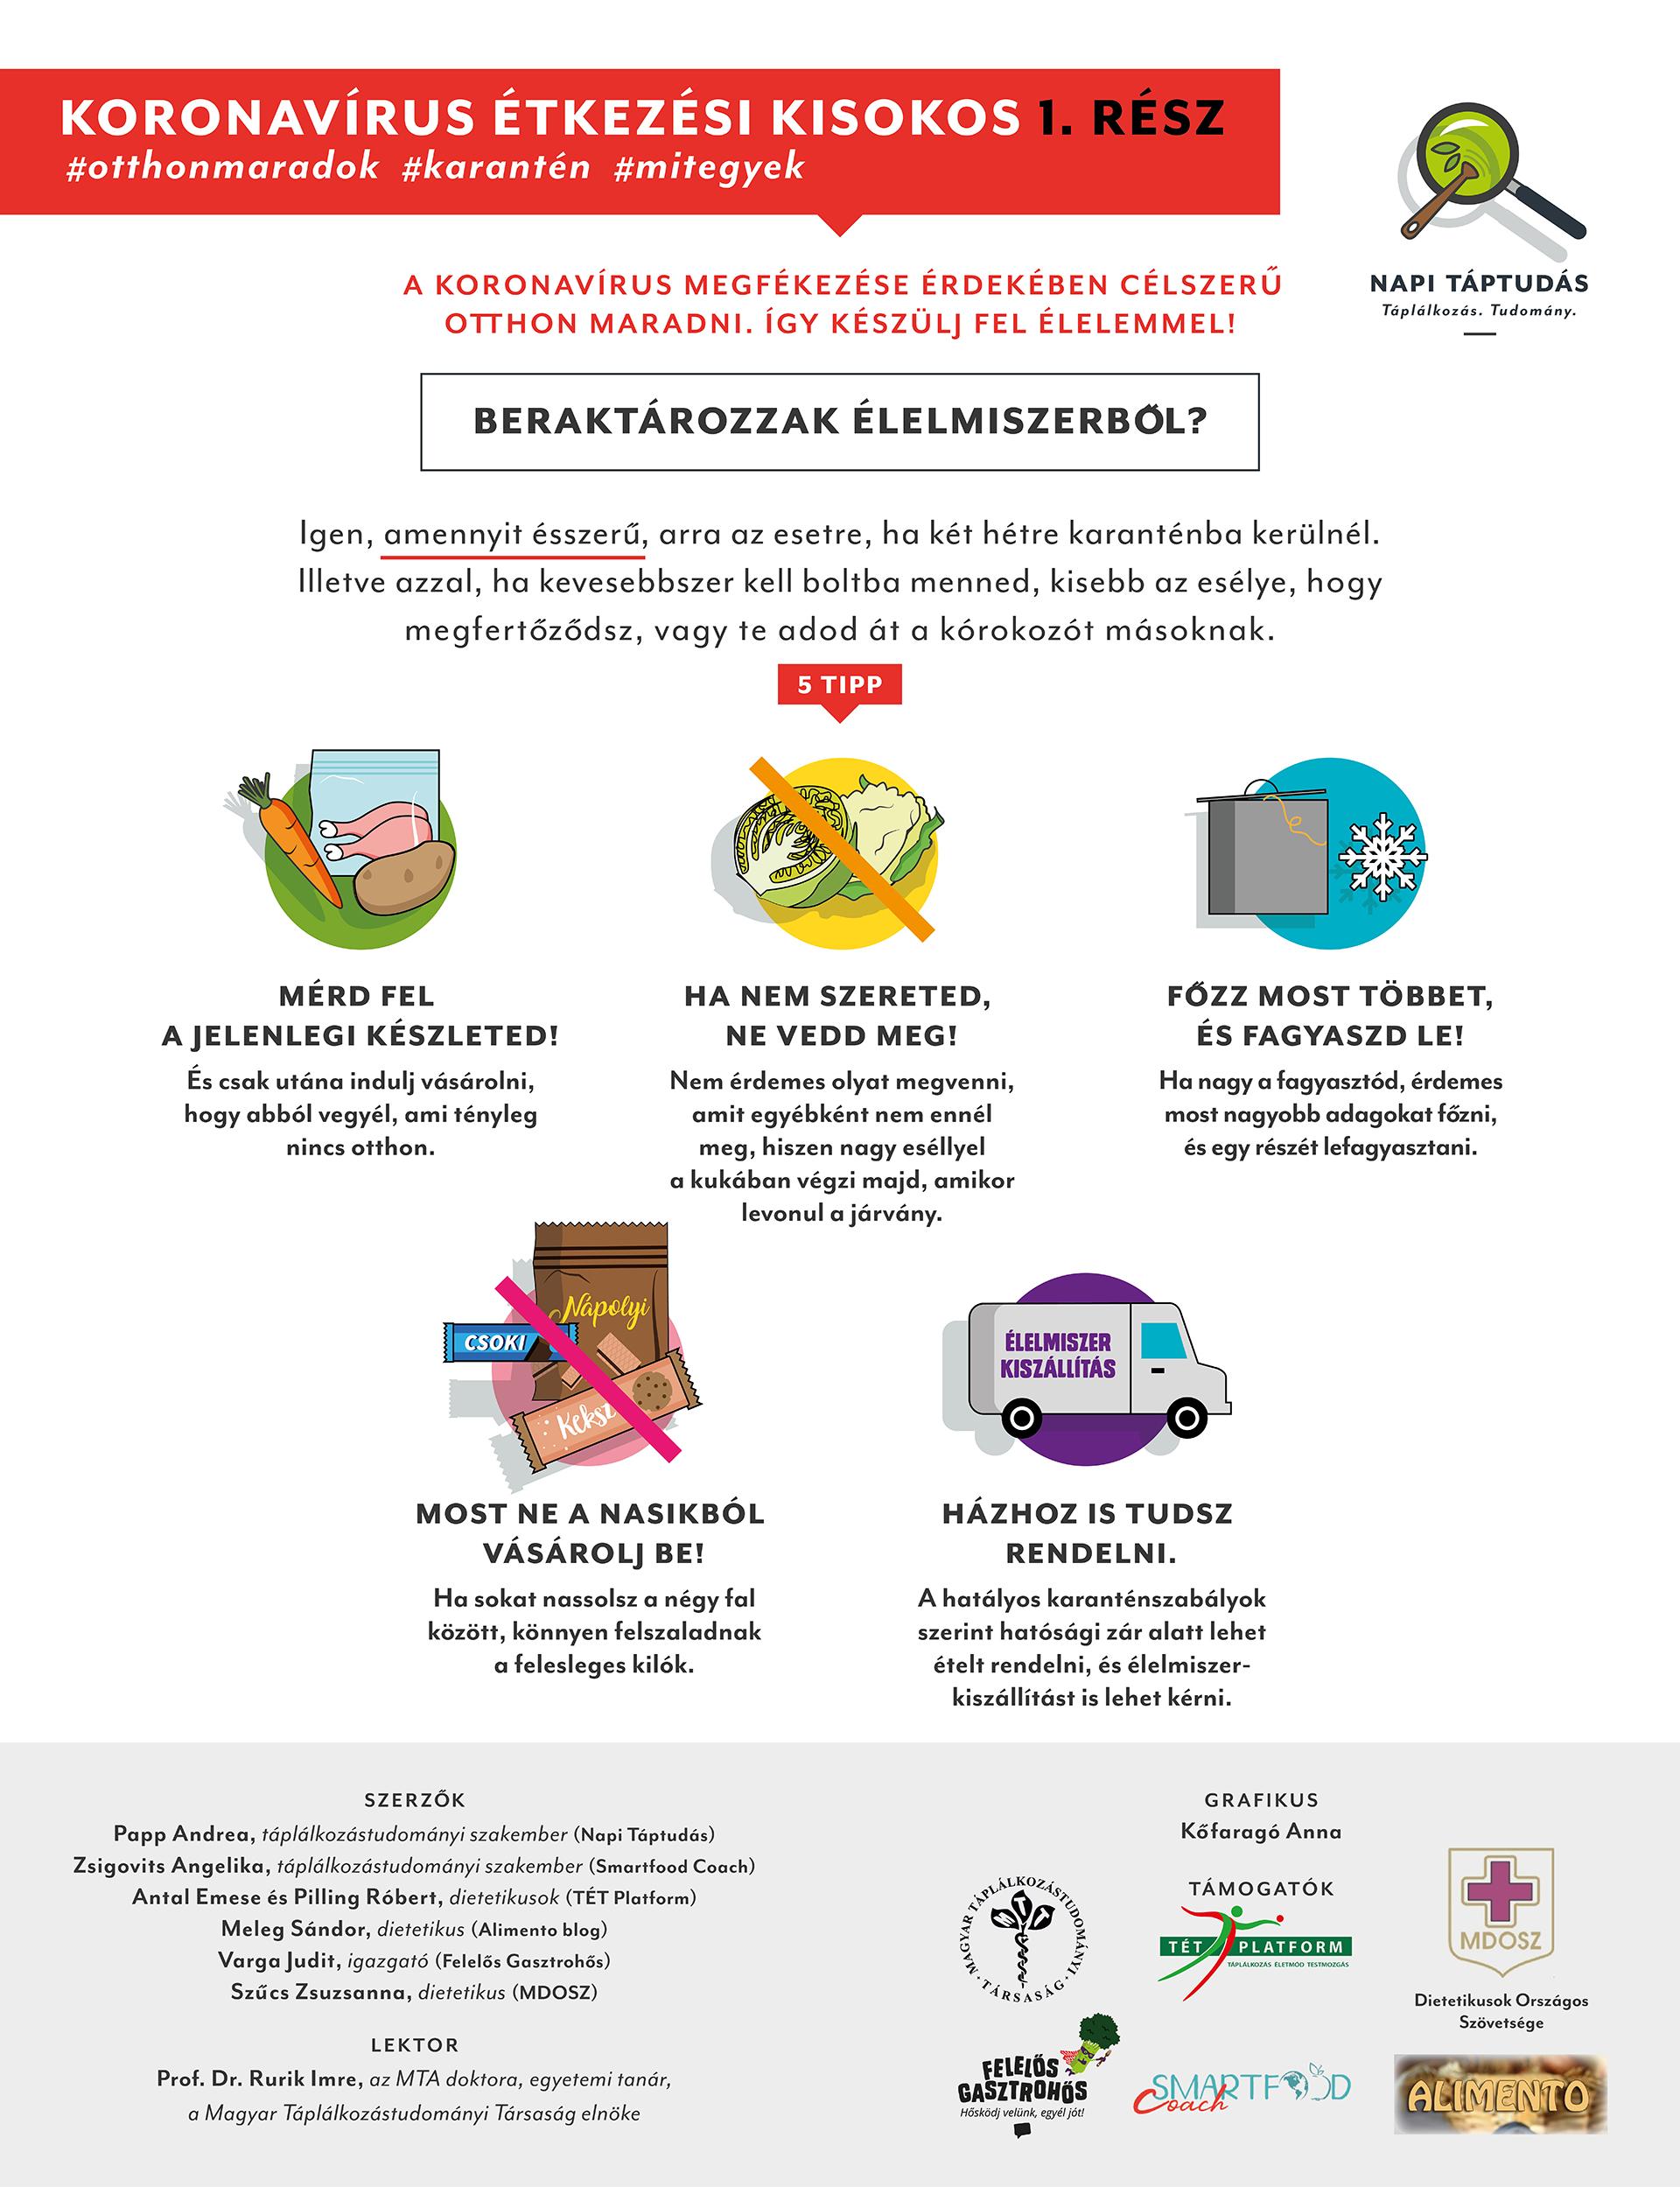 koronavirus-etkezesi-kisokos-infografika-1.jpg